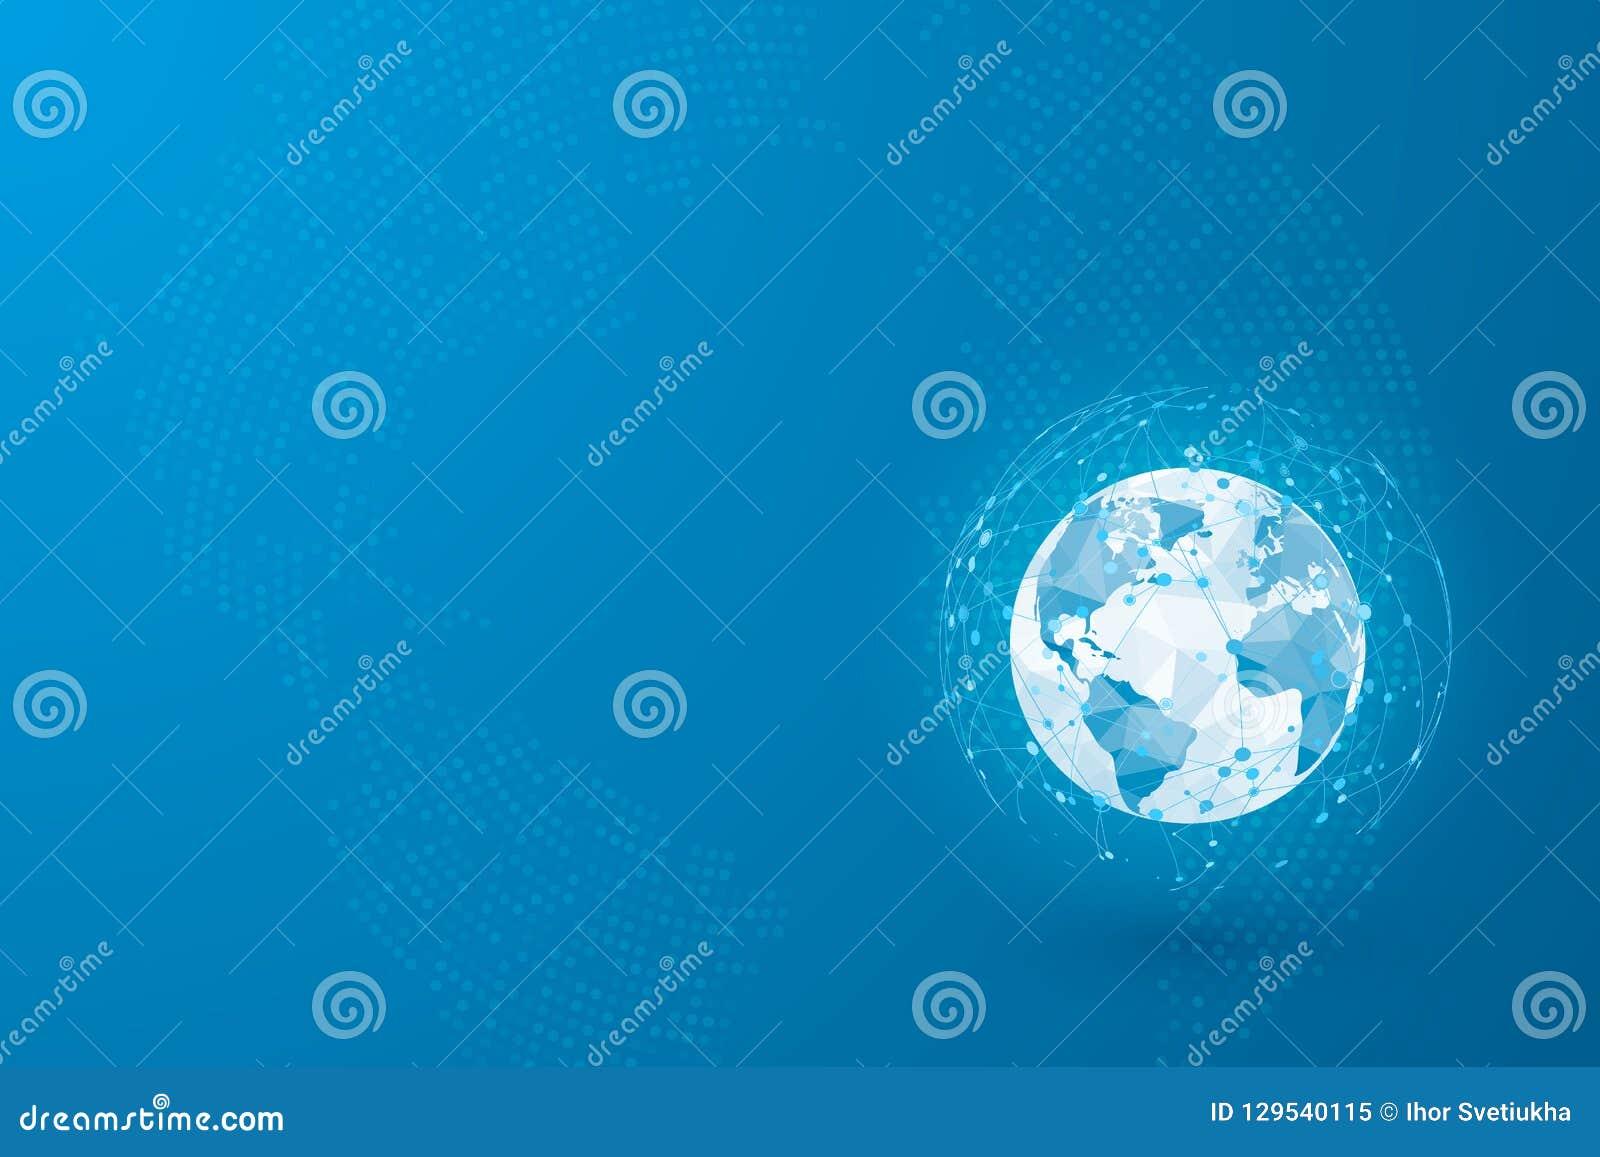 Globales Netzwerk Weltkartepunkt und Linien und Dreiecke Verbindungsnetz des Punktes Vektorillustration auf blauem Hintergrund